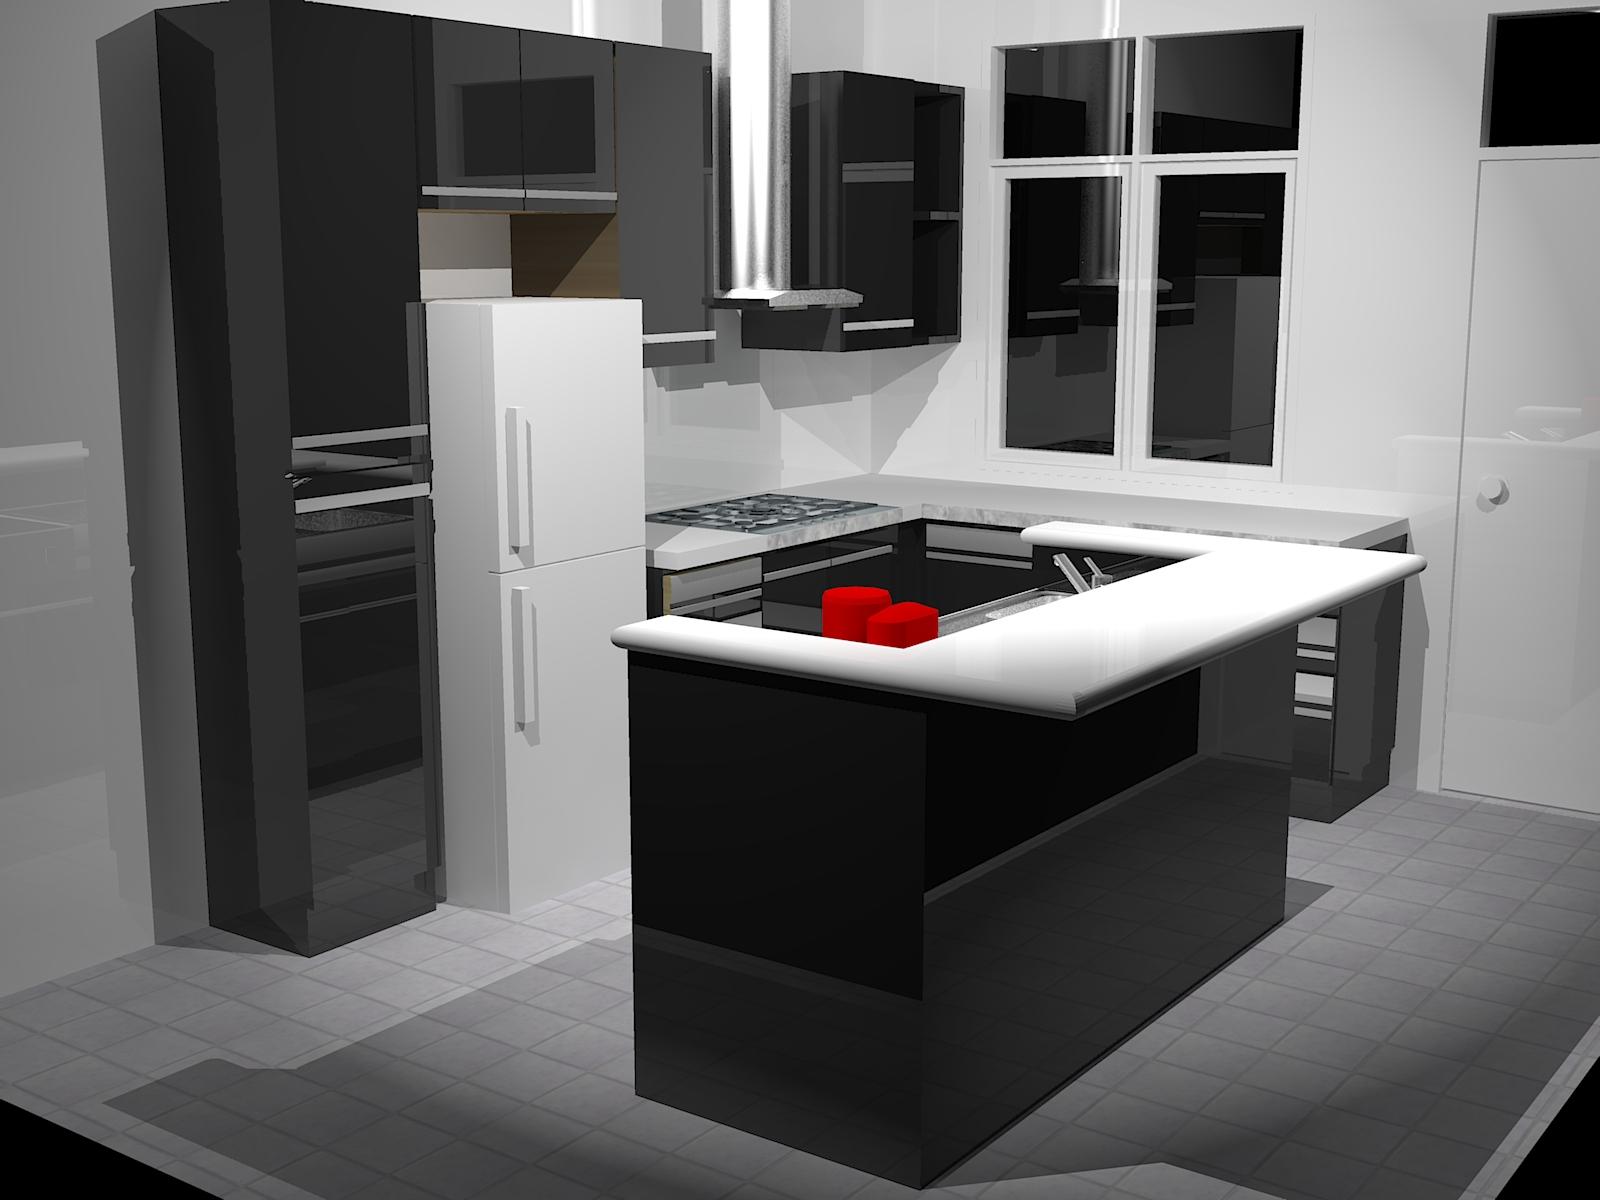 kitchen7x10 2